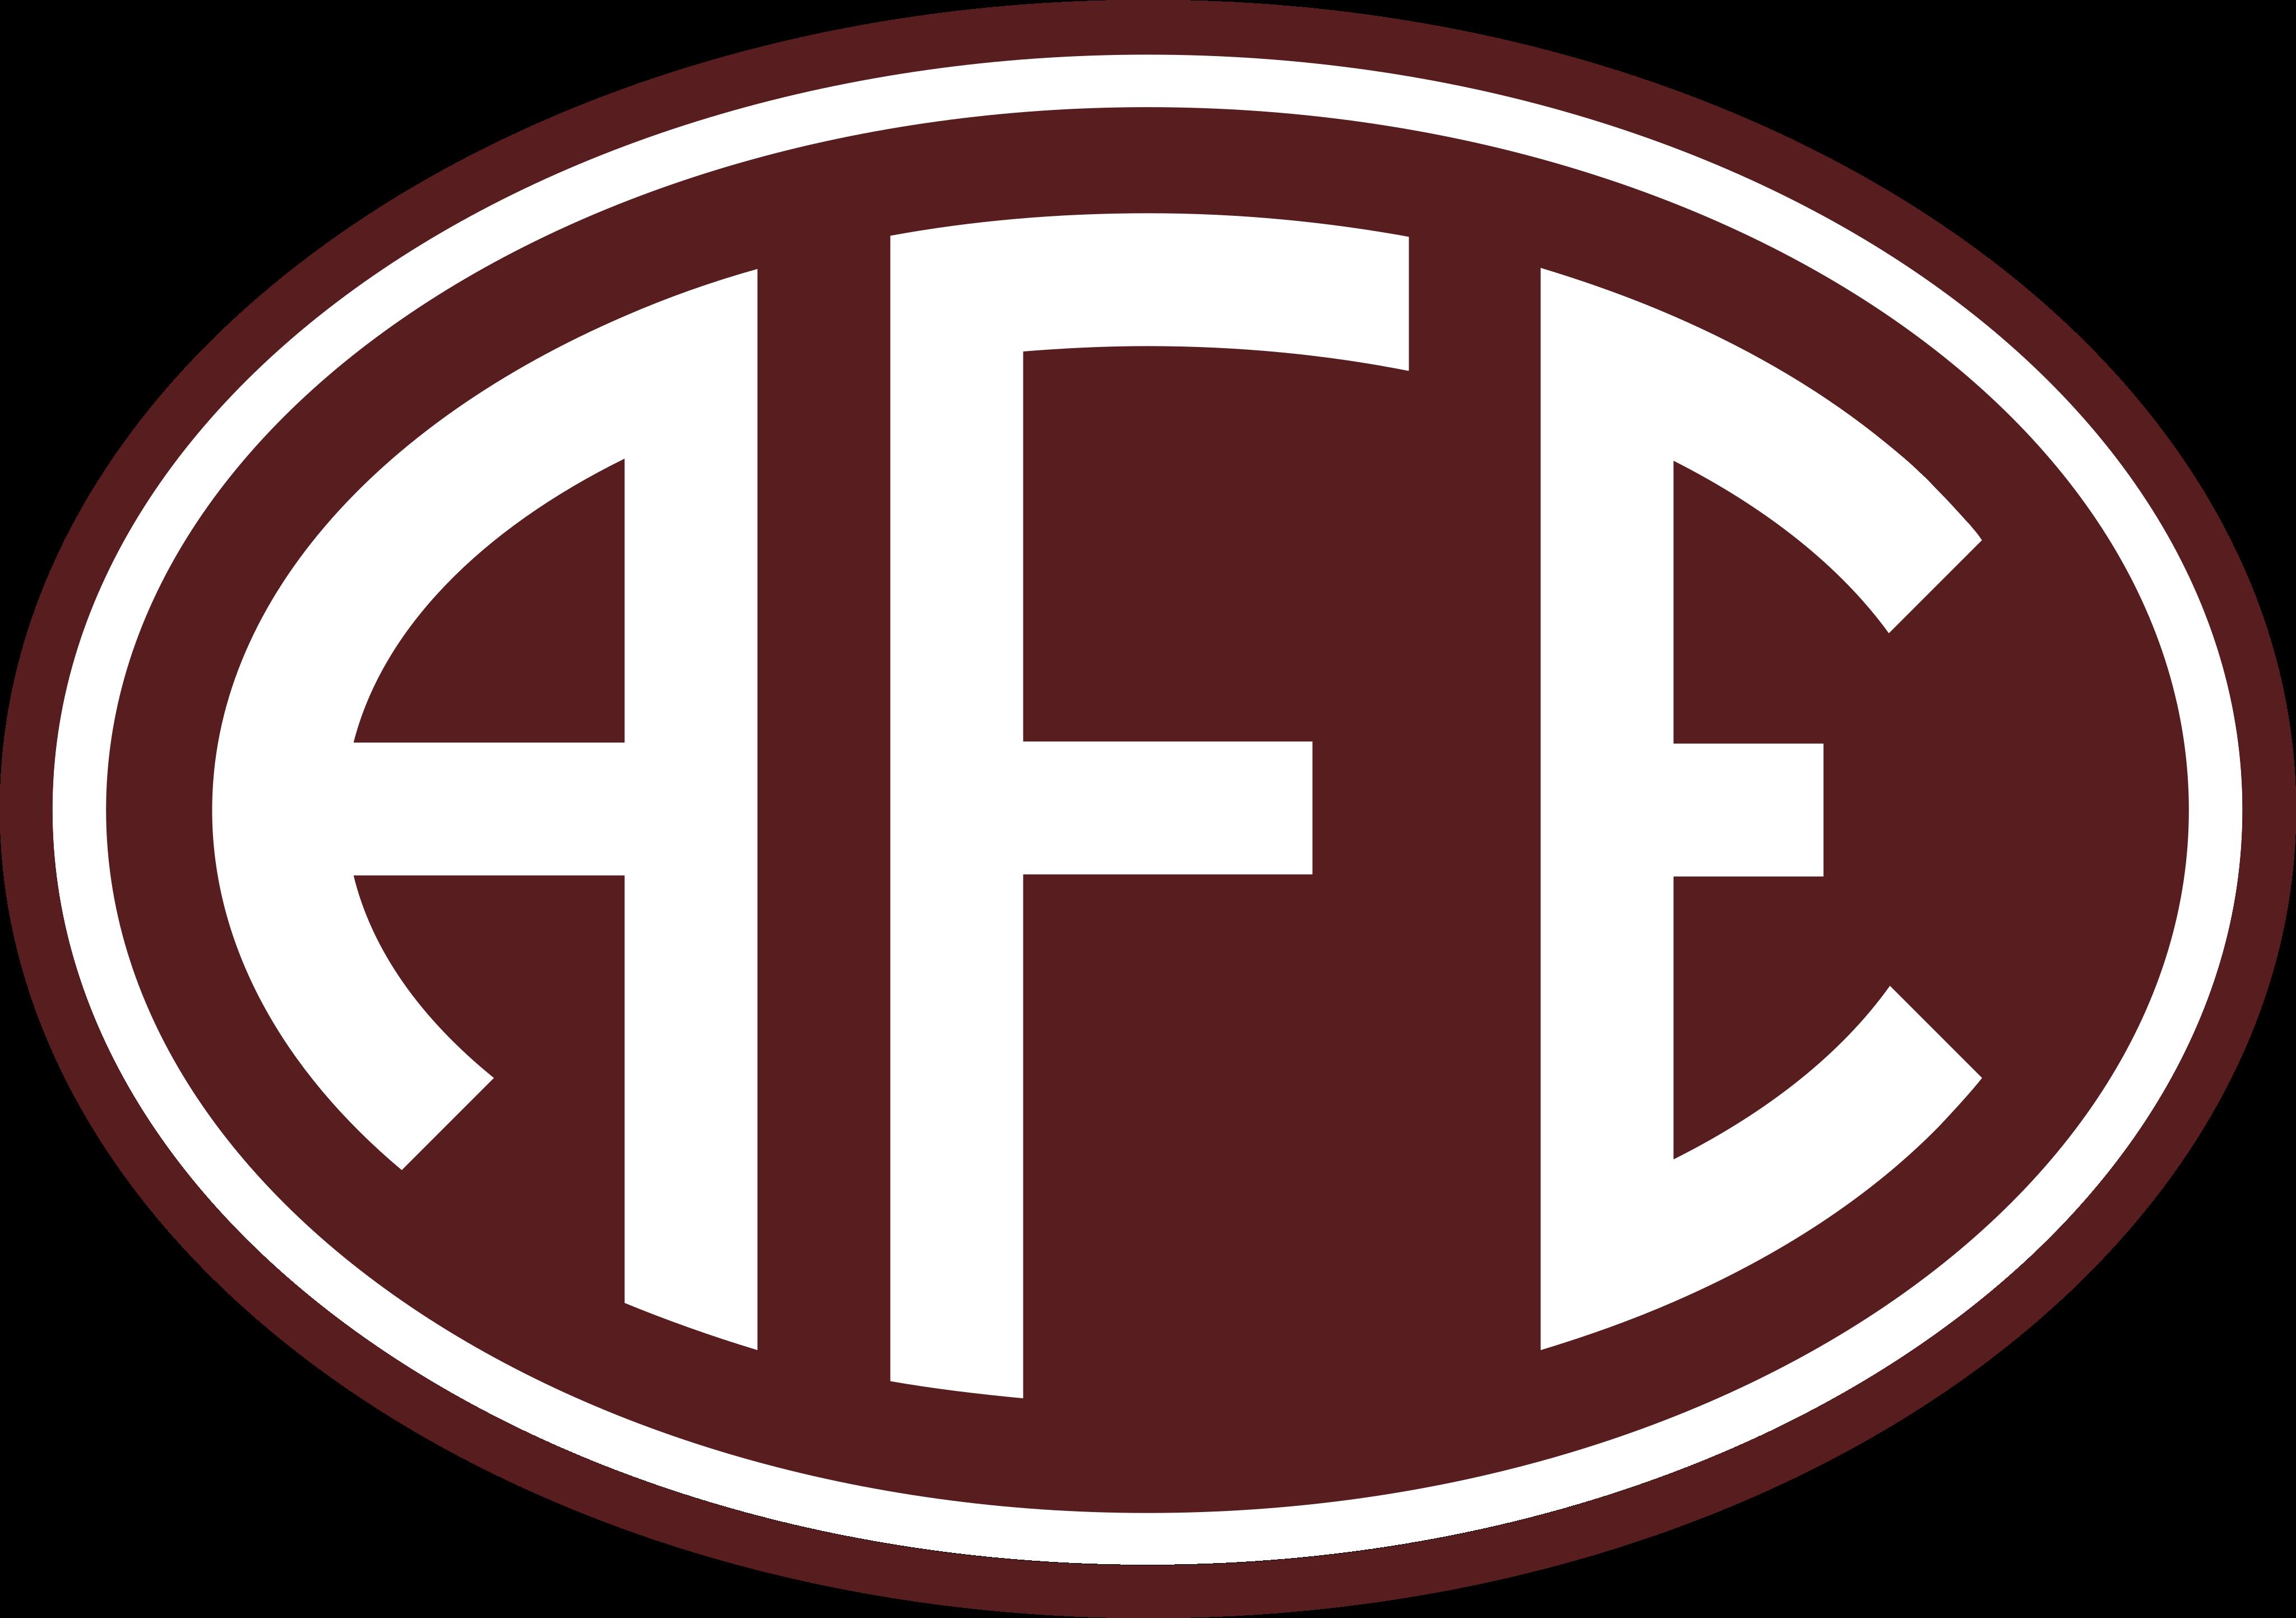 Ferroviária Araraquara Logo.